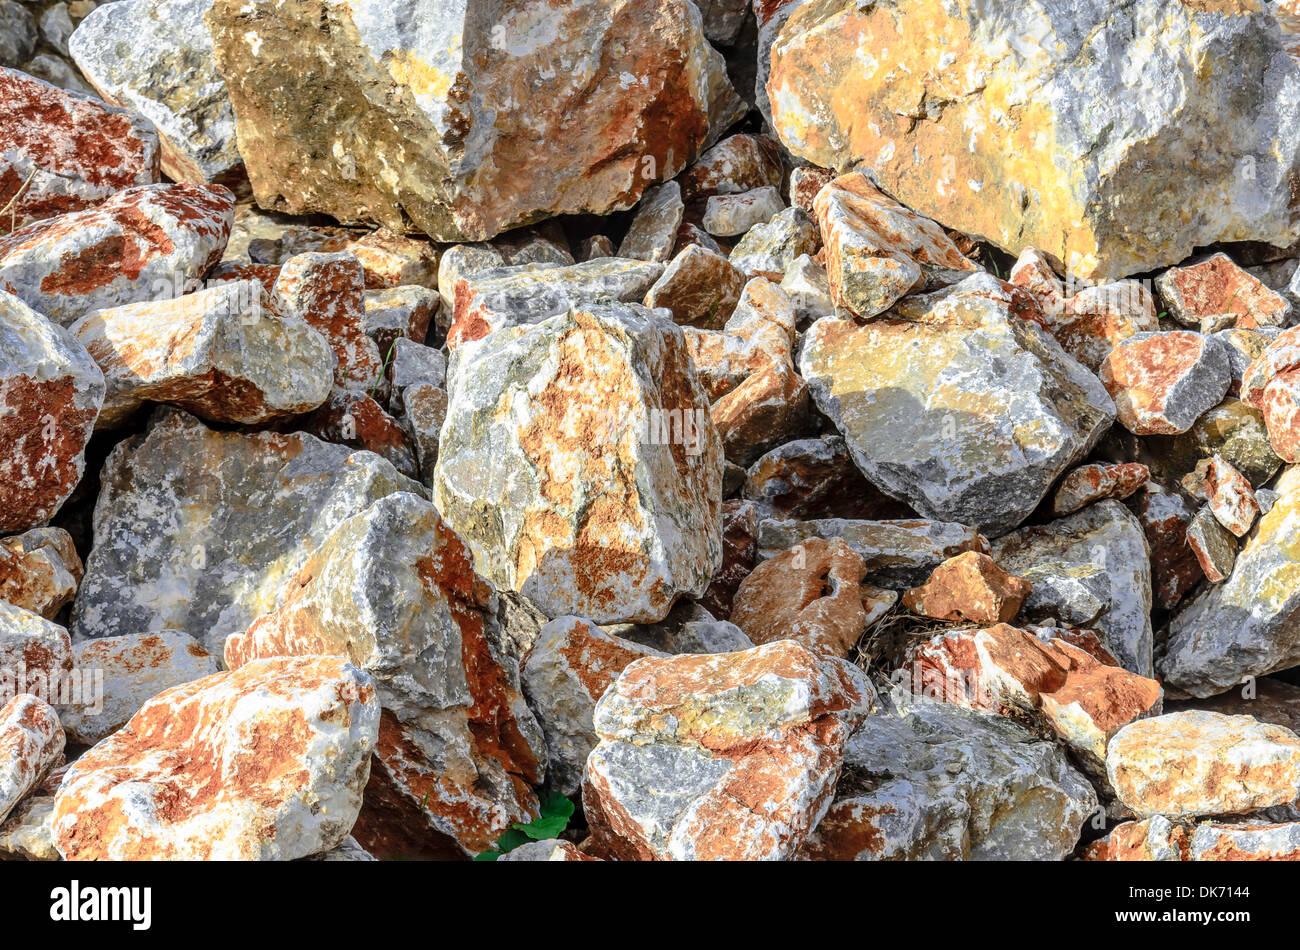 rough stone background - Stock Image